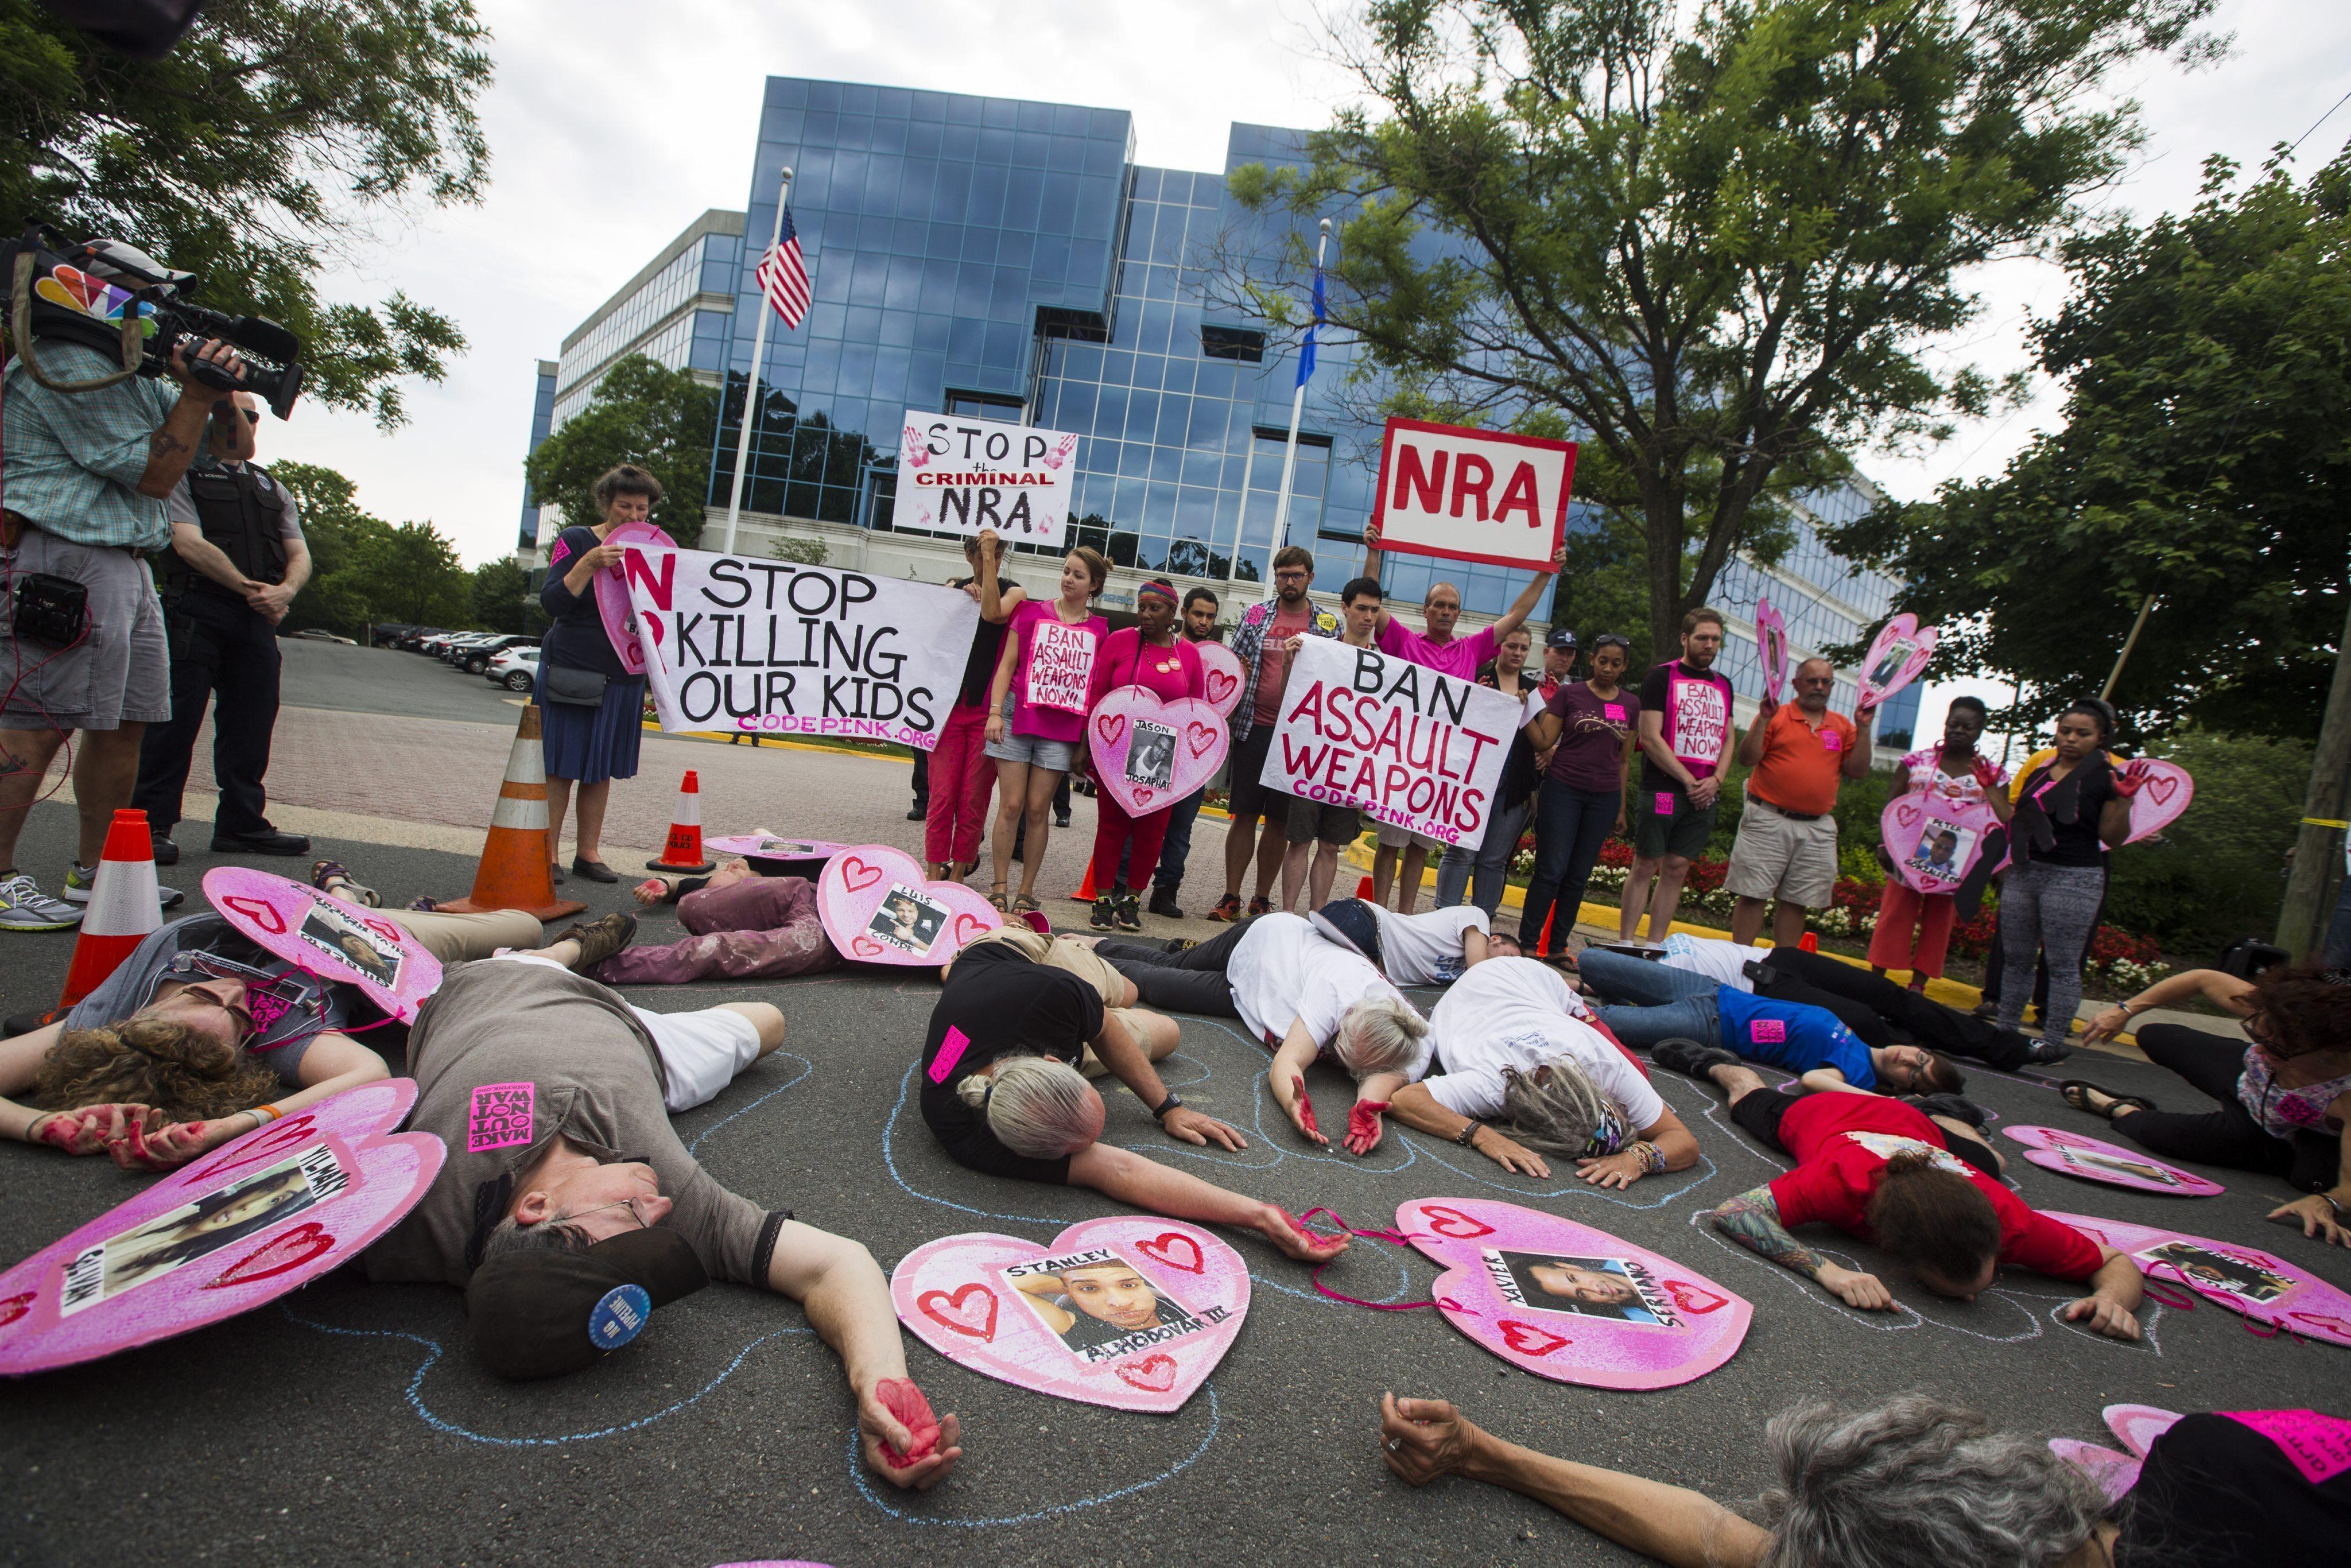 JL04 FAIRFAX (ESTADOS UNIDOS) 21/06/2016.- Miembros del grupo pacifista Codepink y otros manifestantes participan en un simulacro en el exterior de la sede de la Asociación Nacional del Rifle (NRA) en Fairfax, en el estado de Virginia, Estados Unidos hoy, 21 de junio de 2016. Aunque la matanza de Orlando (Florida) que la semana pasada dejó 50 muertos, incluido el atacante, en el tiroteo más mortífero de la historia del país ha reabierto la presión pública para aumentar el control de armas de fuego, el Senado rechazó ayer cuatro medidas encaminadas a ese fin. EFE/Jim Lo Scalzo